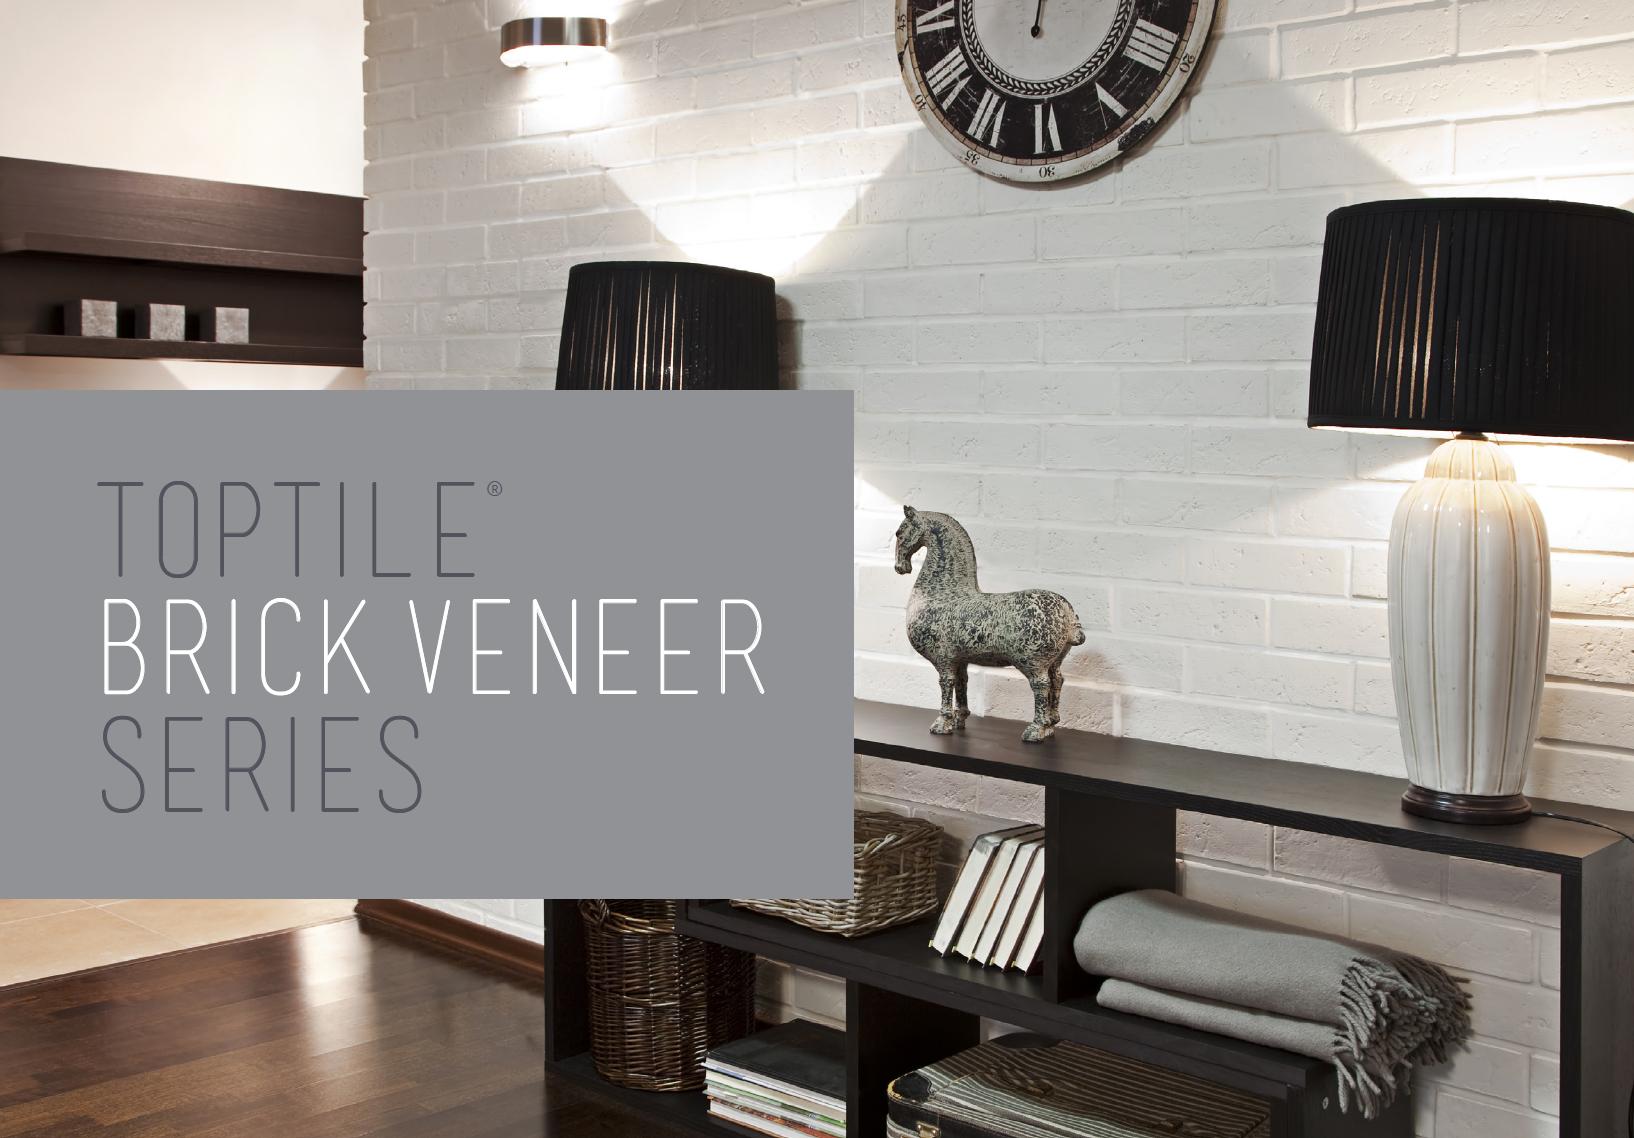 Brick Veneer Series Toptile Ceilings